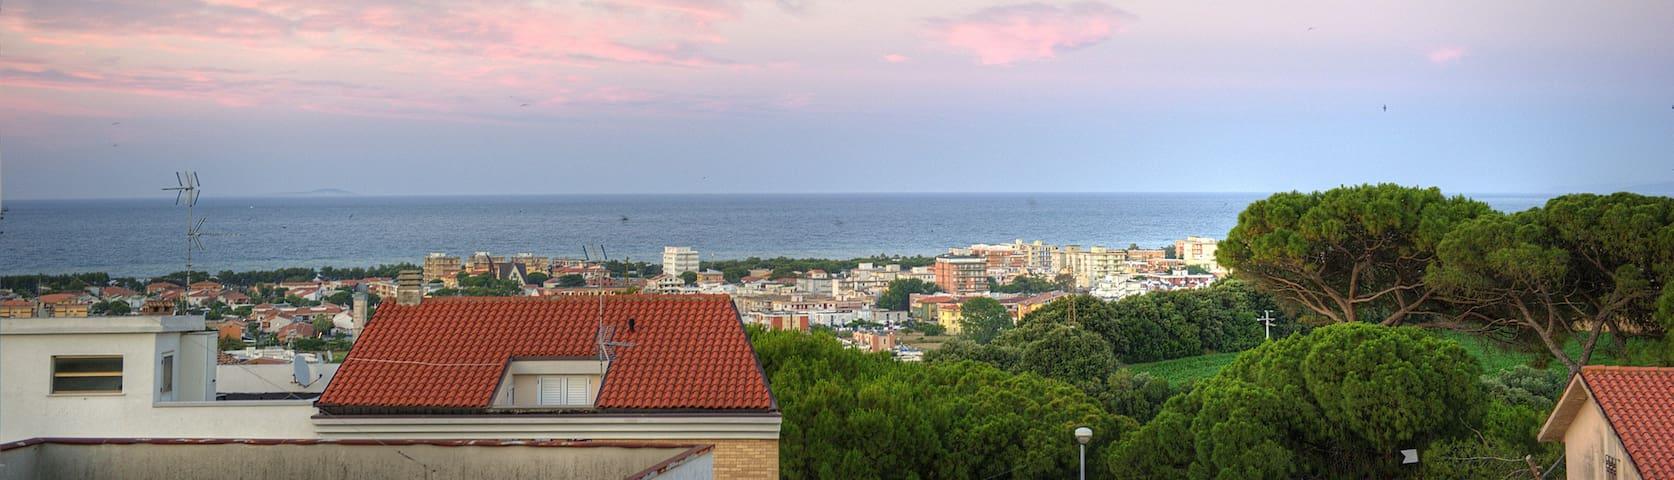 Attico completamente nuovo con vista mare - Campomarino - Appartement